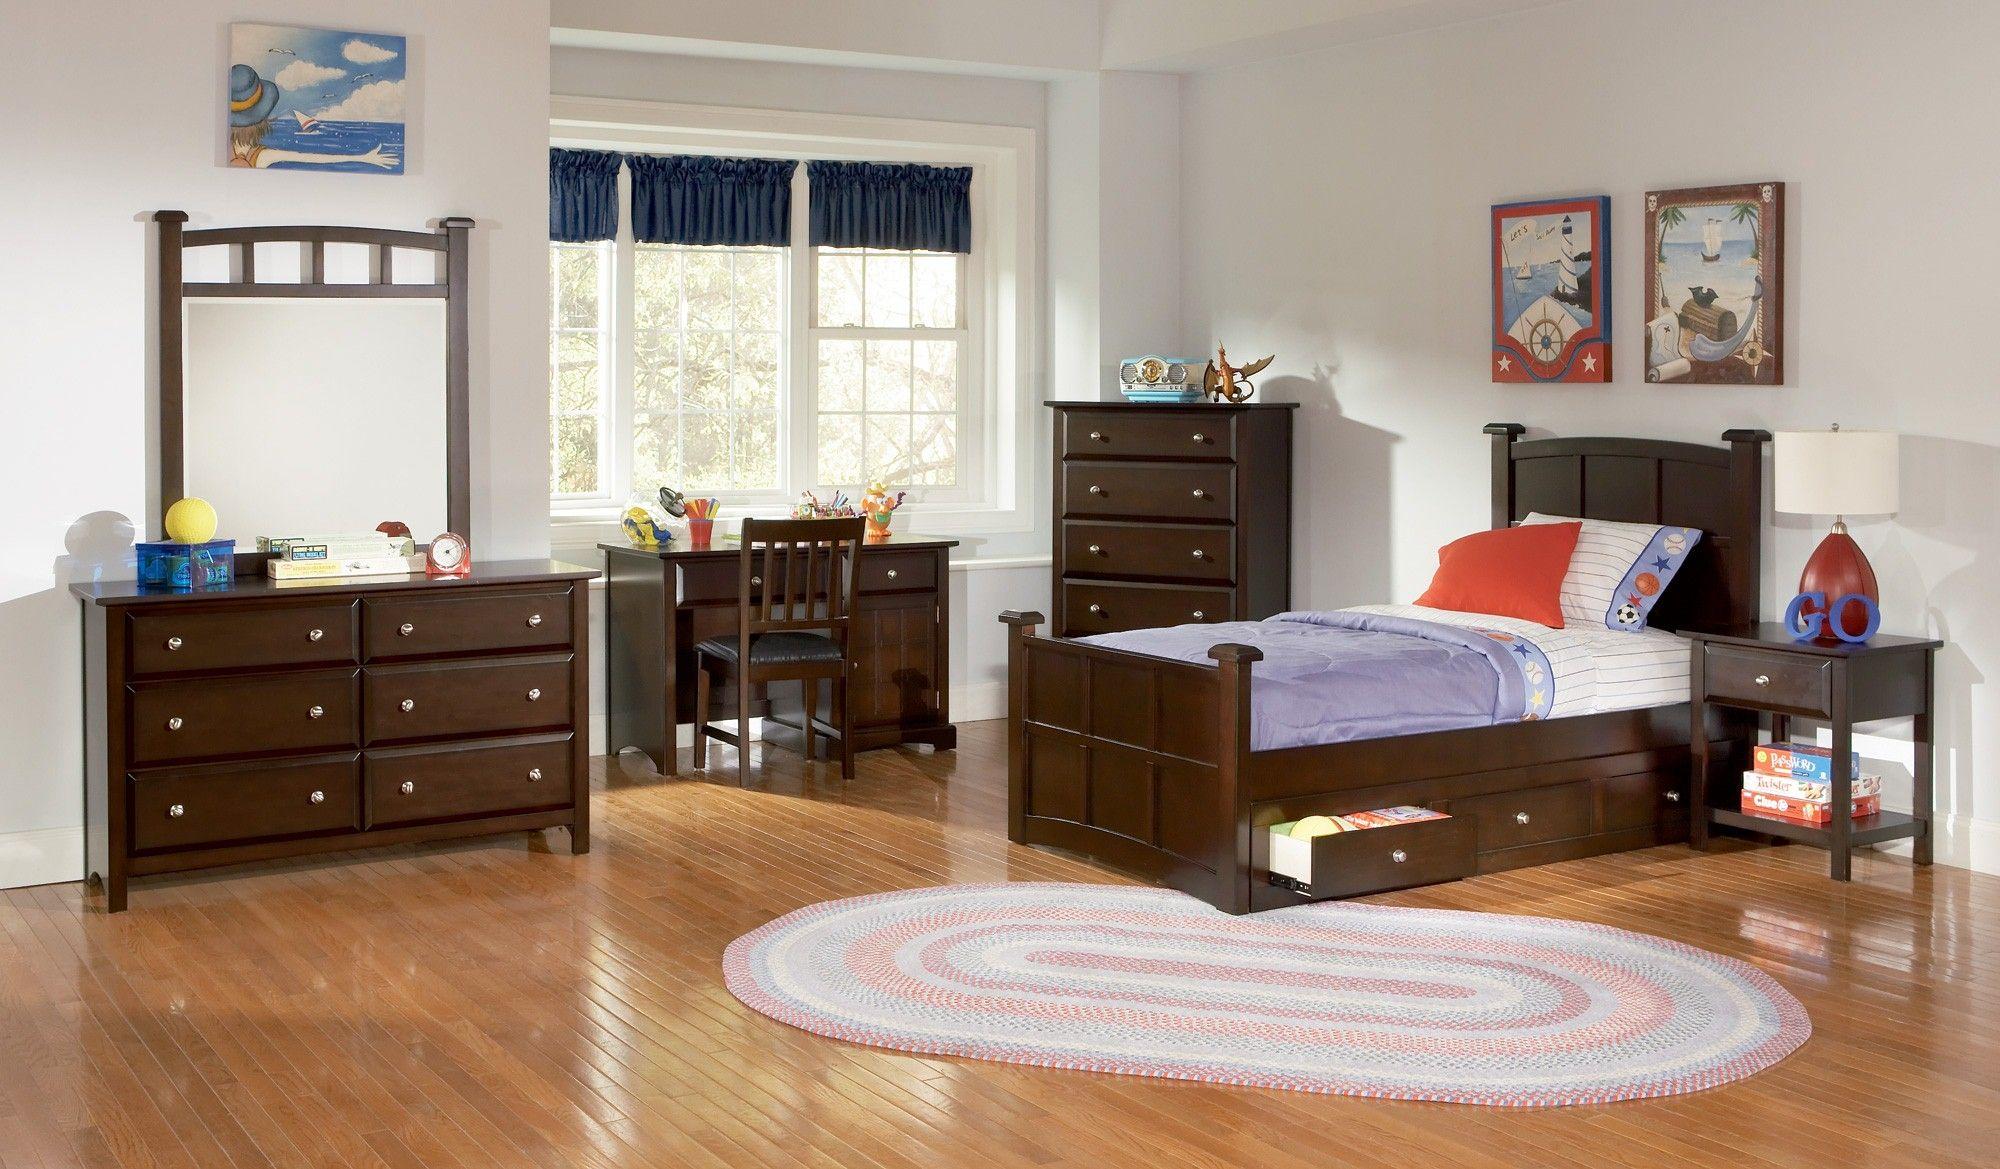 Schlafzimmer Wandleuchten Nachtschränke in das moderne